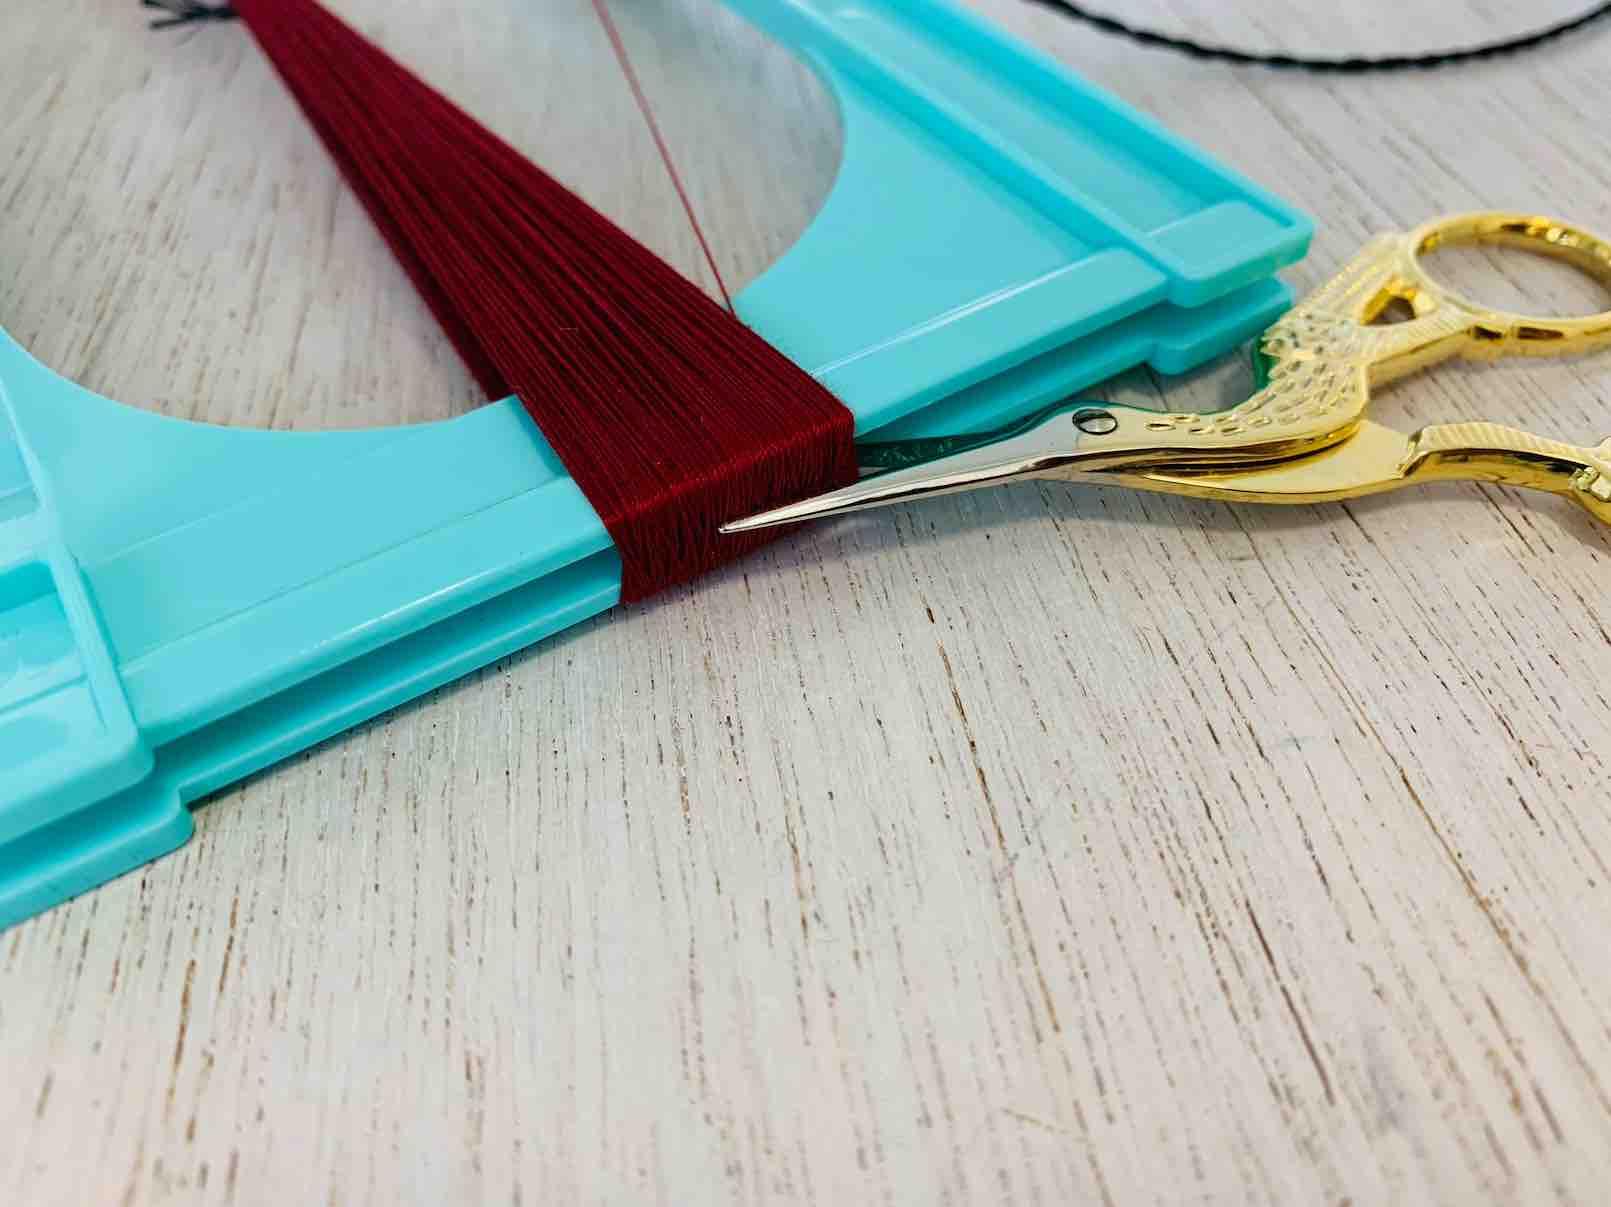 taglio dei fili della nappa per il tocco